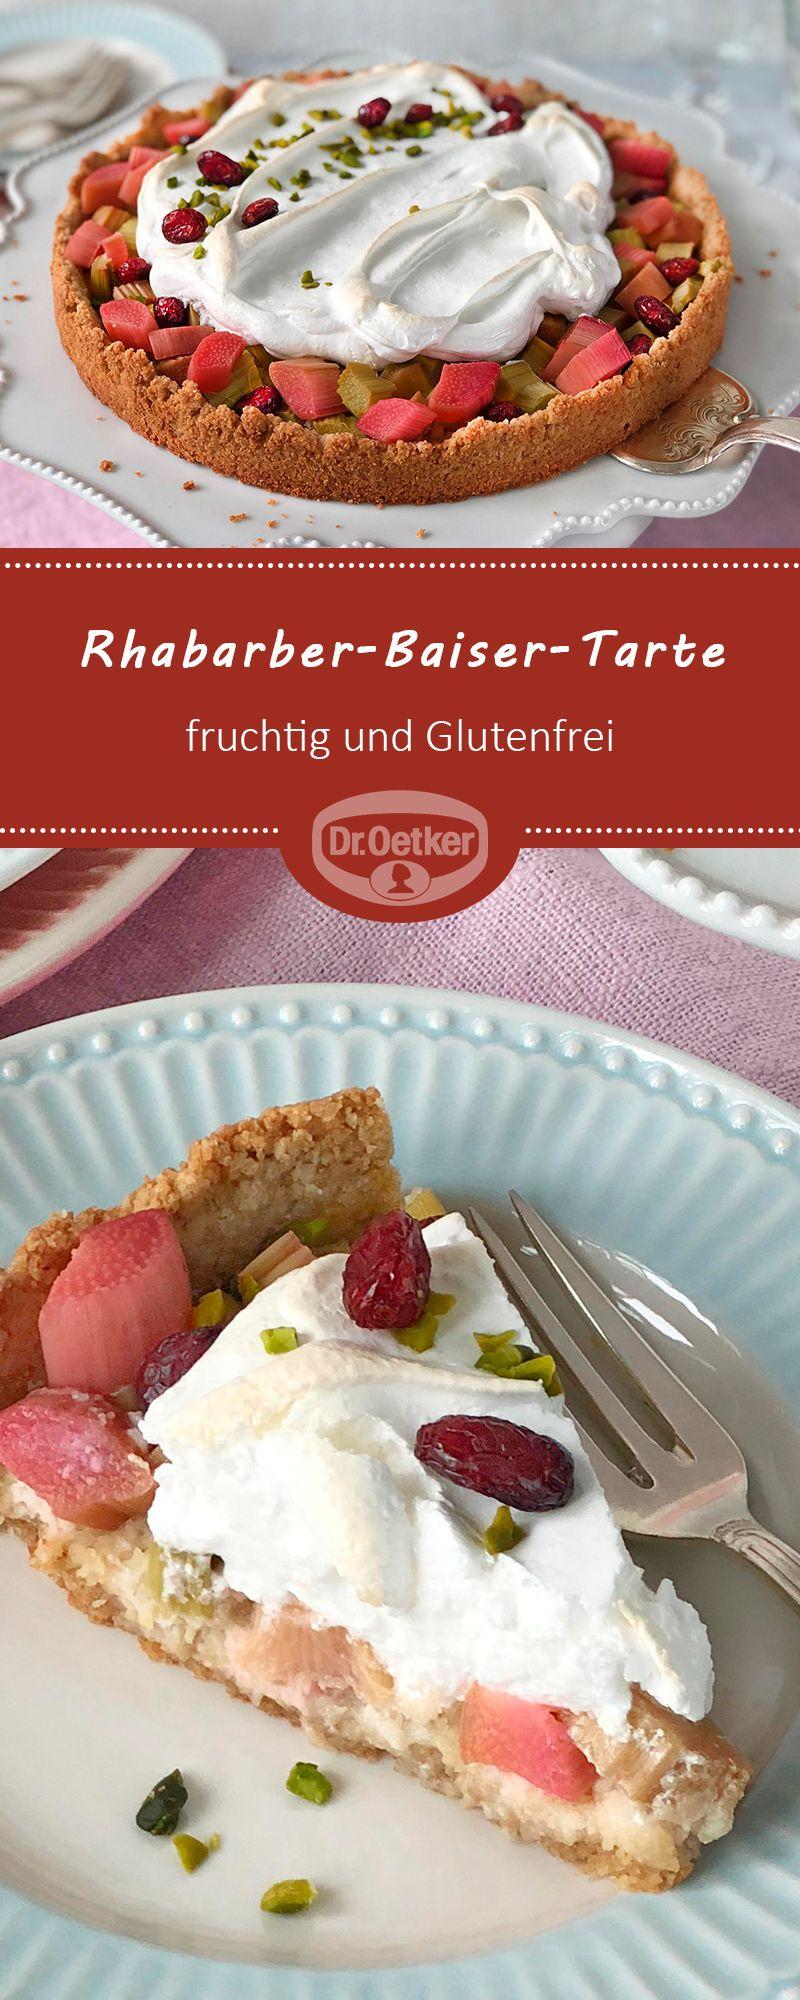 Glutenfreie Rhabarber Baiser Tarte Rezept In 2018 Traumhafte